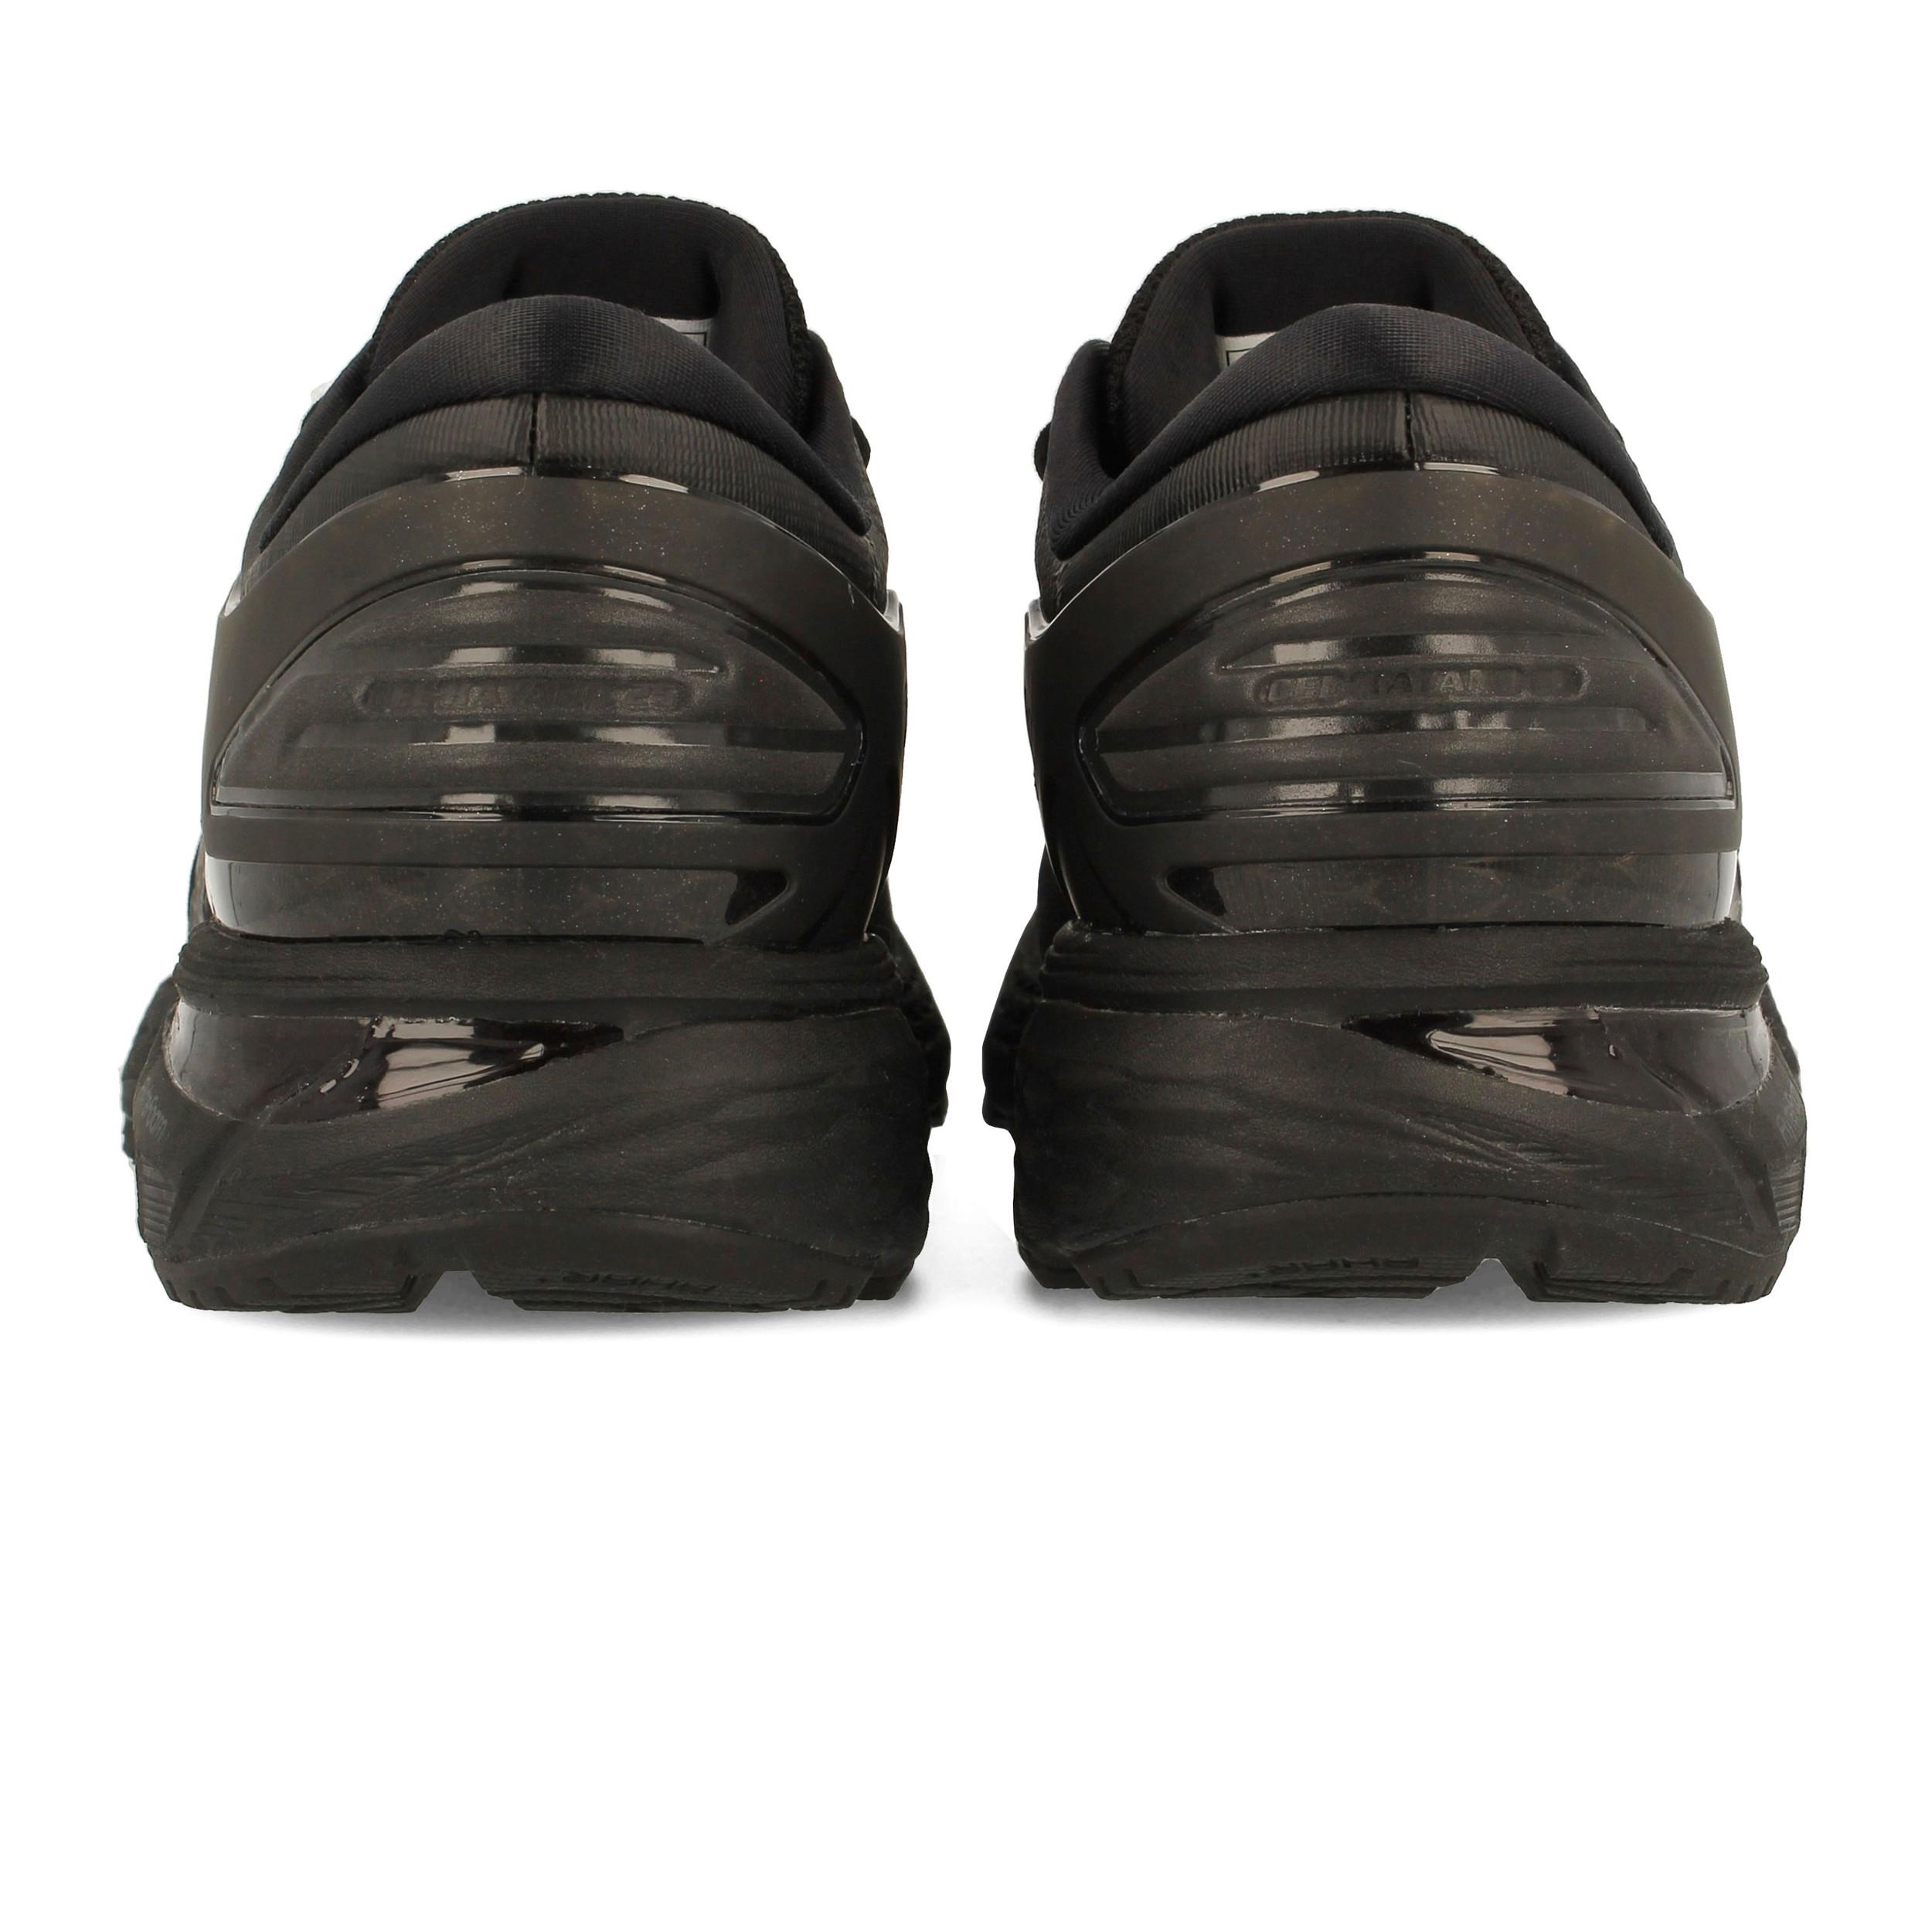 e2ad6bdc8 Asics Mujer Gel-kayano 25 Correr Zapatos Zapatillas Negro Deporte Runnnig